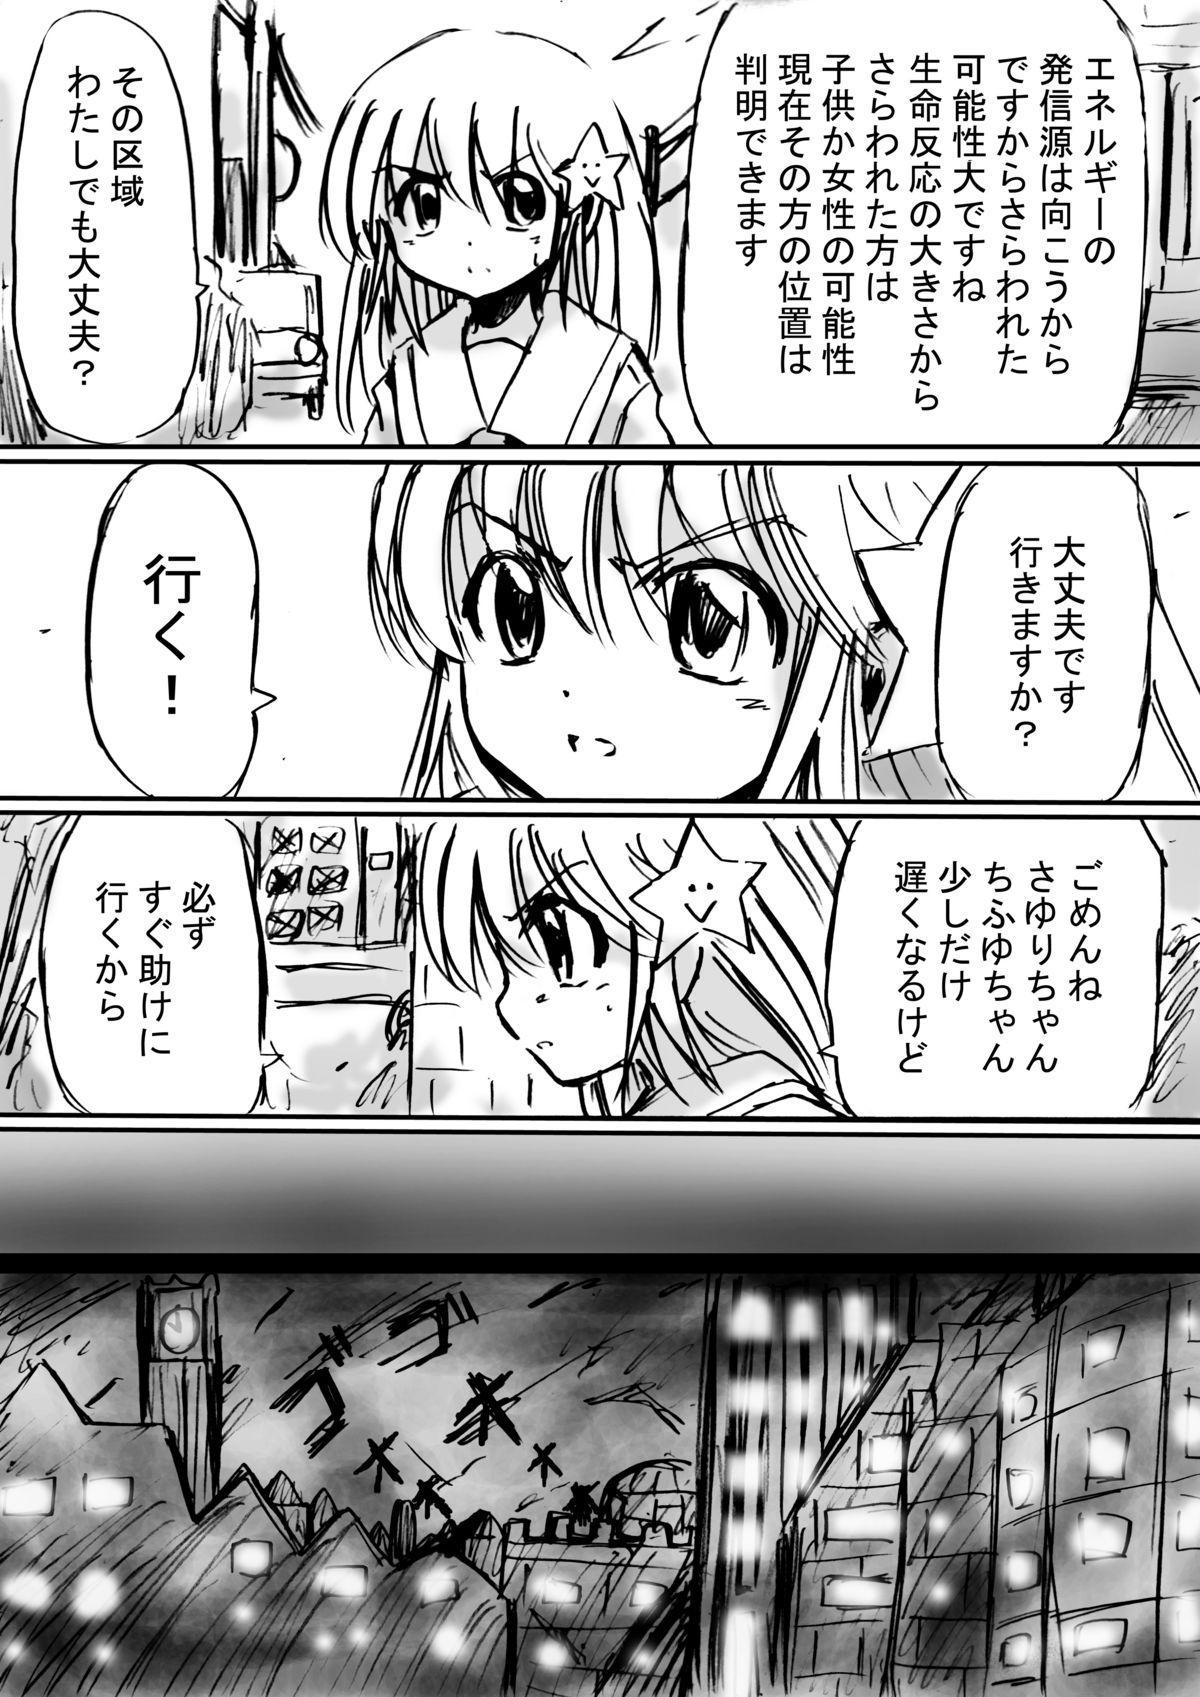 [Dende] Fushigi Sekai -Mystery World- Nonoha 5 ~Jokuma no Kyouniku no Tainai Shinshoku~ 20